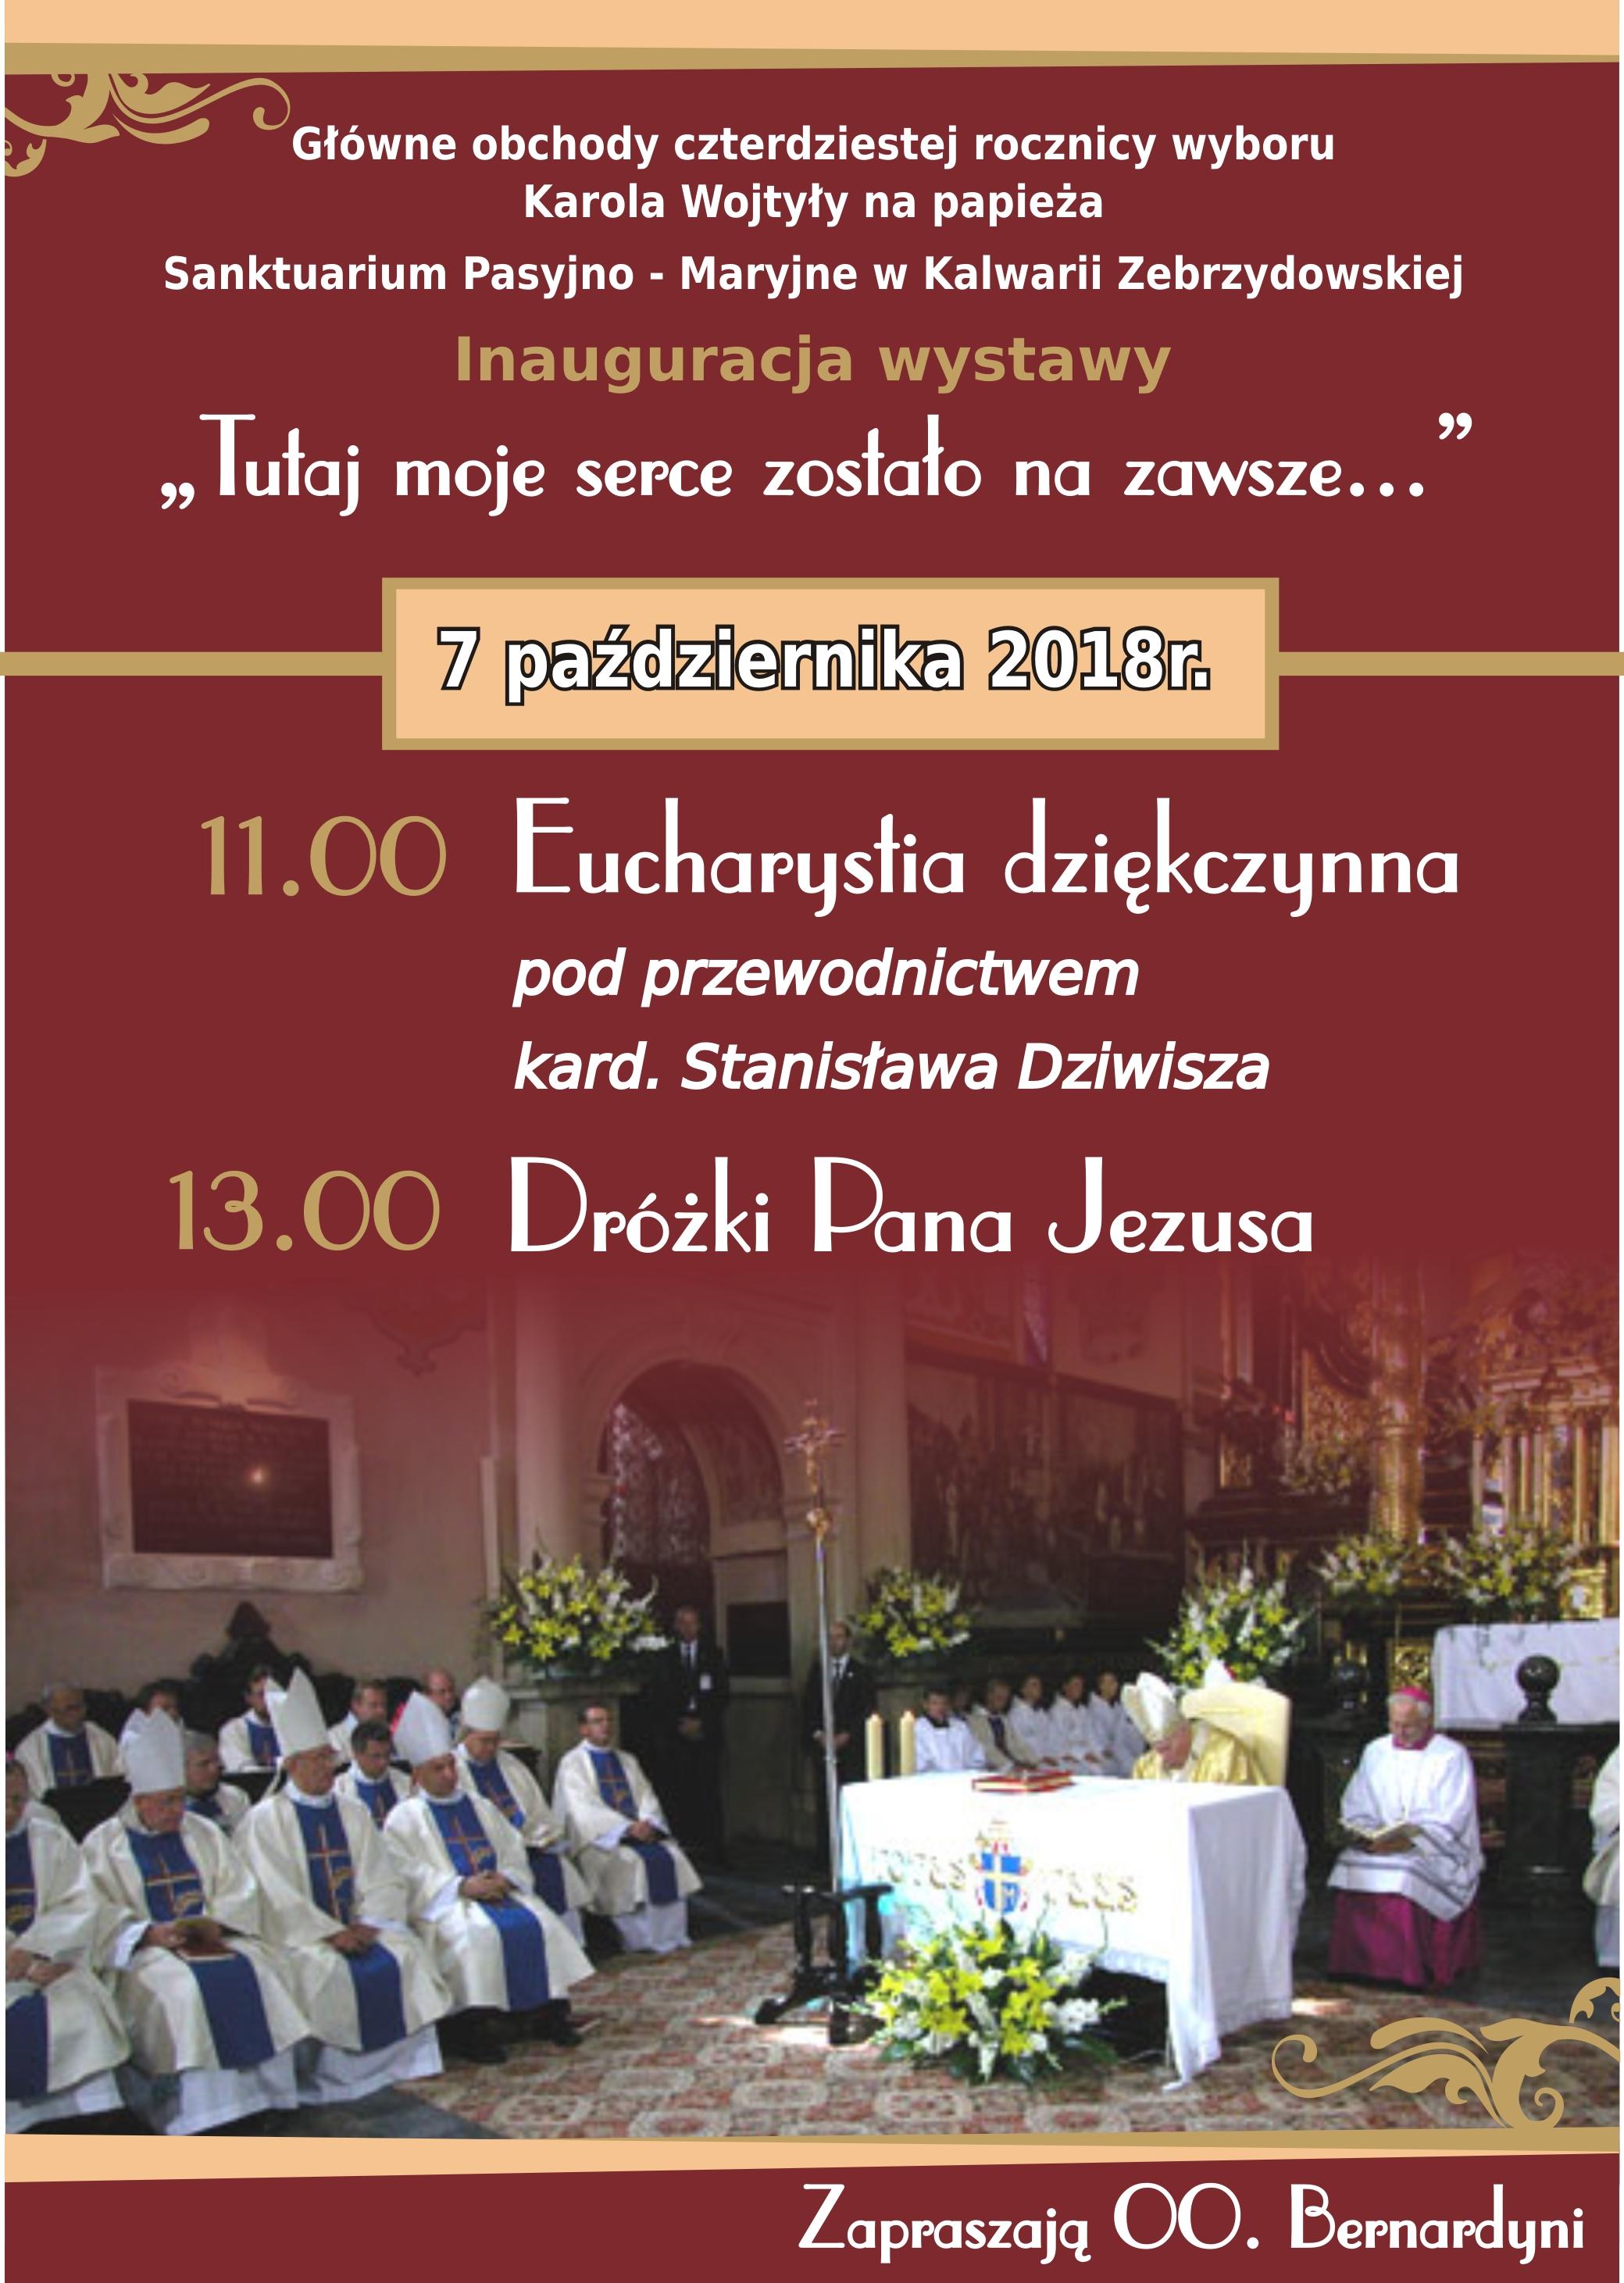 Obchody 40. rocznicy wyboru Karola Wojtyły na papieża – Kalwaria Zebrzydowska